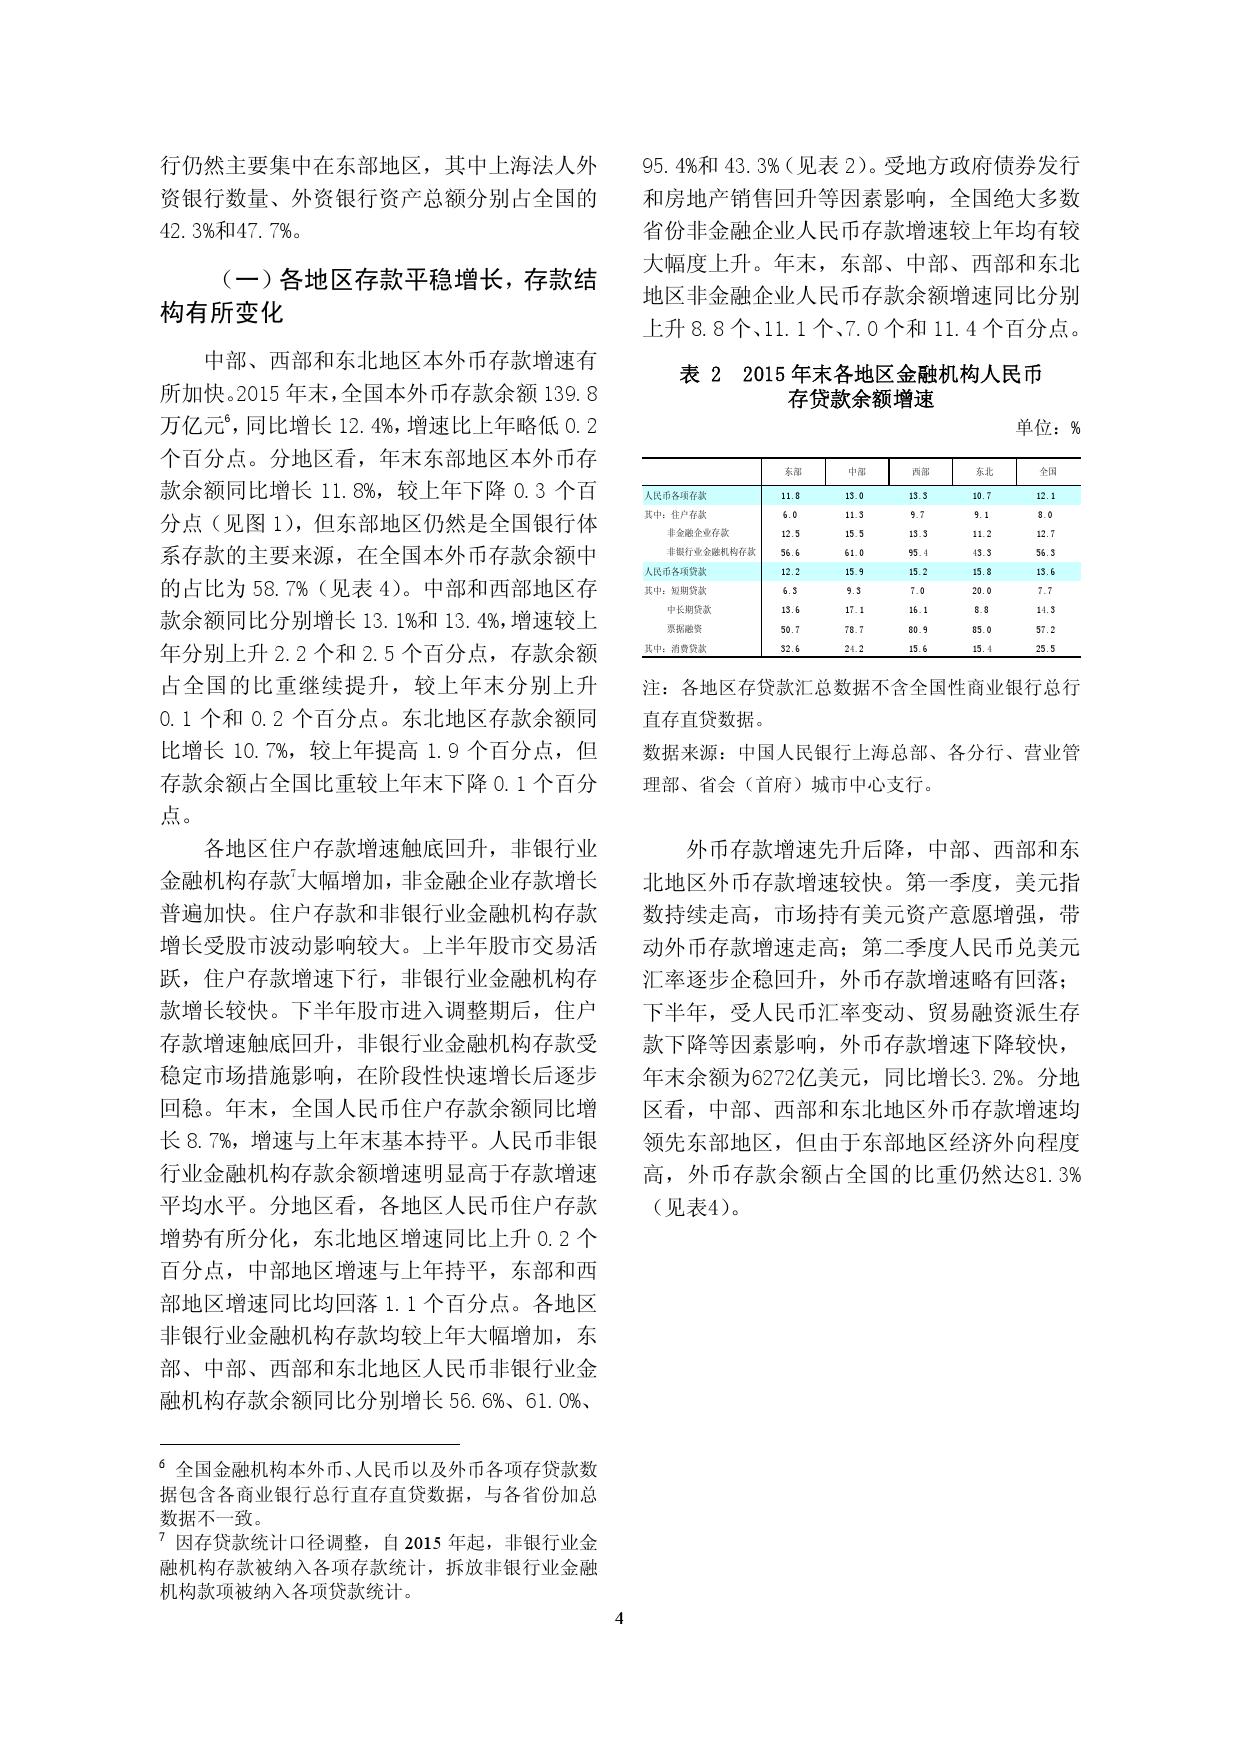 2015年中国区域金融运行报告_000007